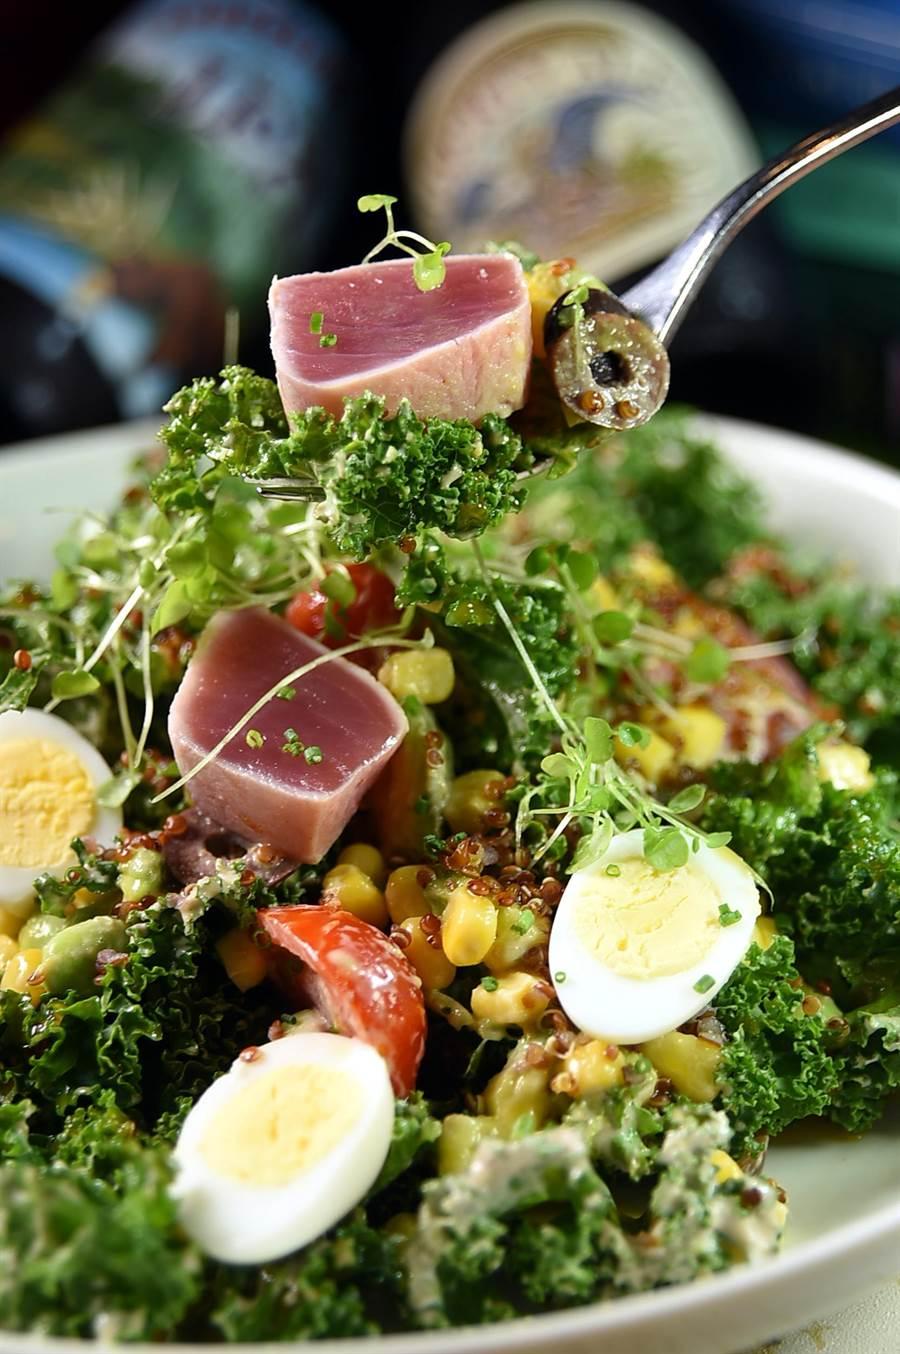 〈Buttermilk〉新主廚Jason周建宏演繹的〈鮪魚甘藍沙拉〉,羽衣甘藍葉的口感帶有一股特殊的「彈性」,與醬汁拌勻後可使之「柔化」。(圖/姚舜)